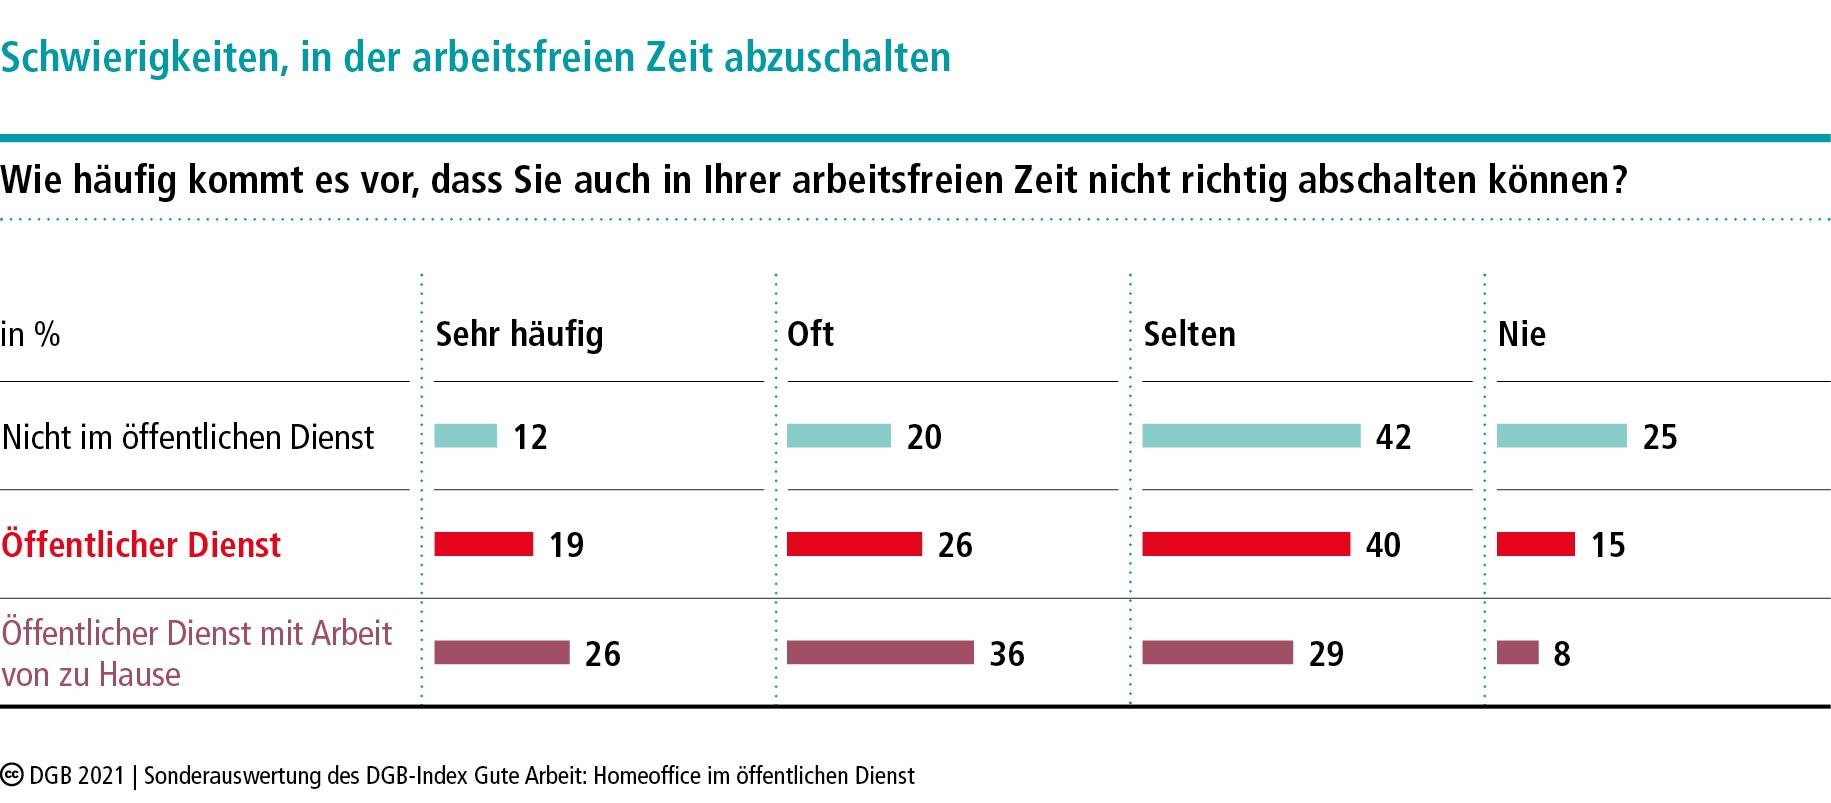 Grafik: Schwierigkeiten, in der arbeitsfreien Zeit abzuschalten